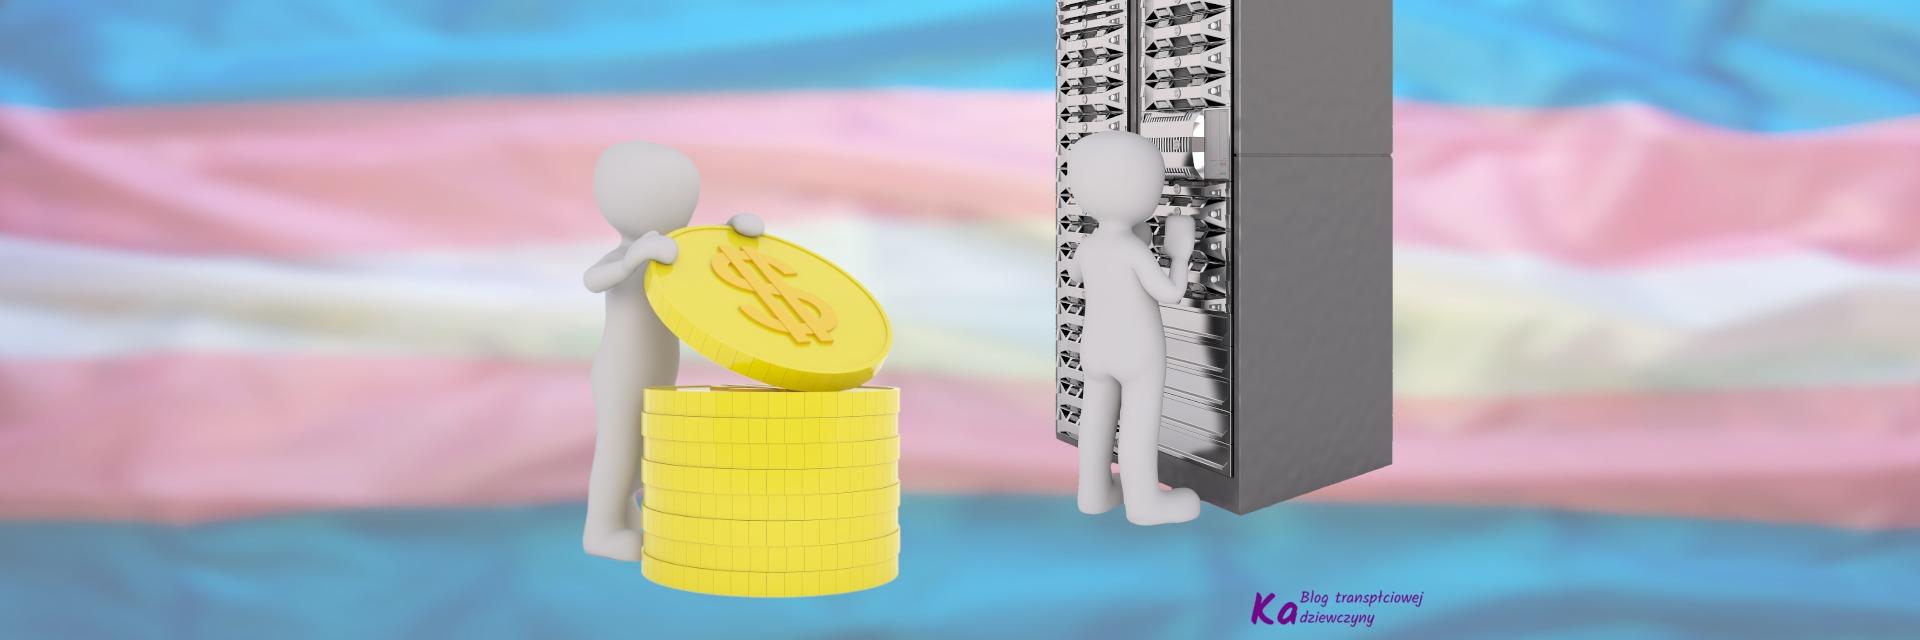 Zbiórka 2021, po lewej szara postać stojąca przy wielkich monetach, obok postać stojąca przy szafie serwerowej, na tle flagi trans